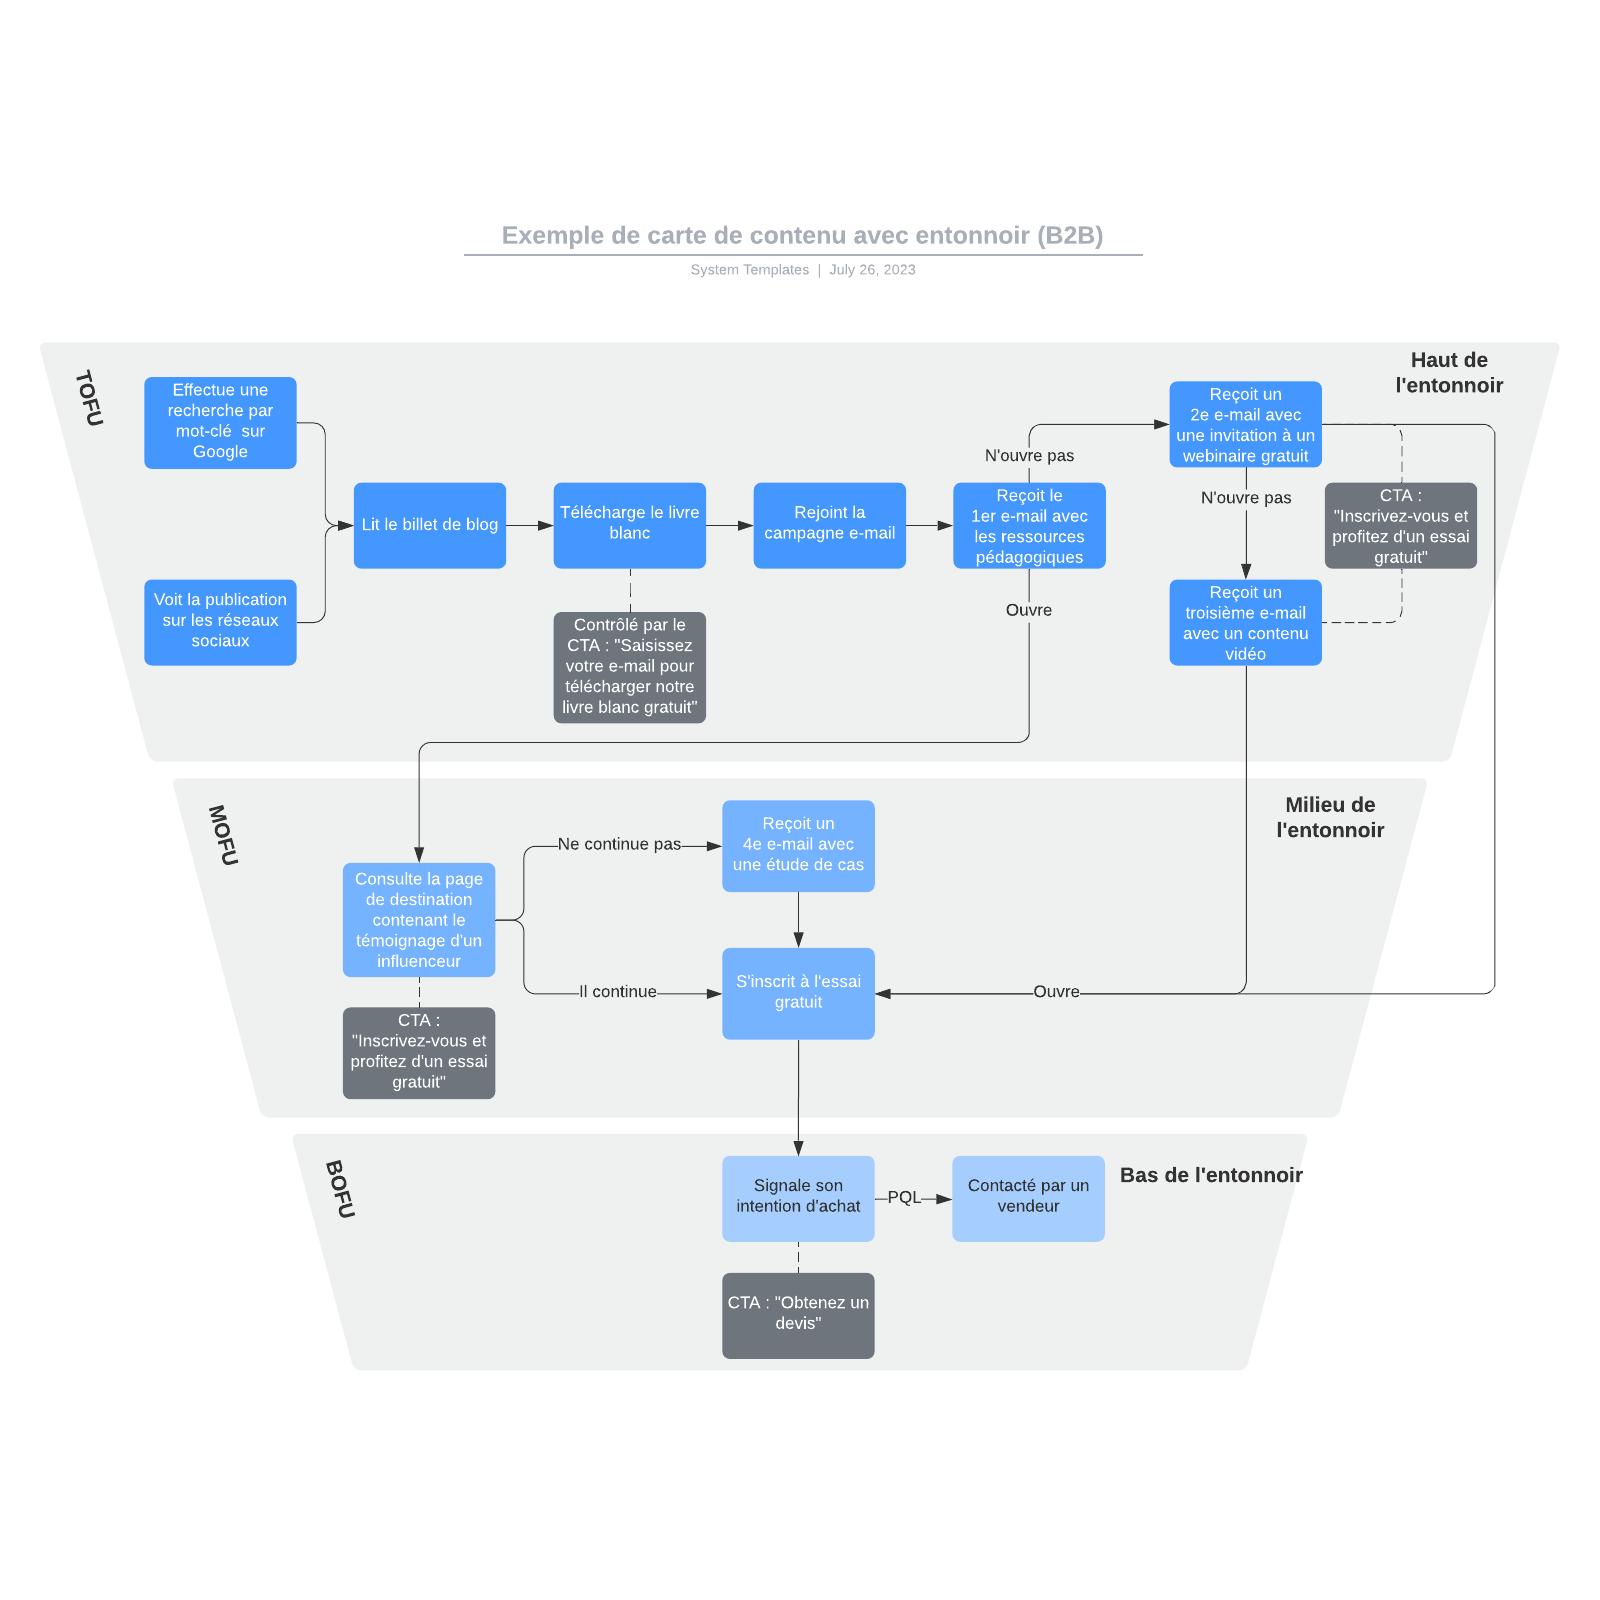 exemple de carte de contenu avec entonnoir (B2B)